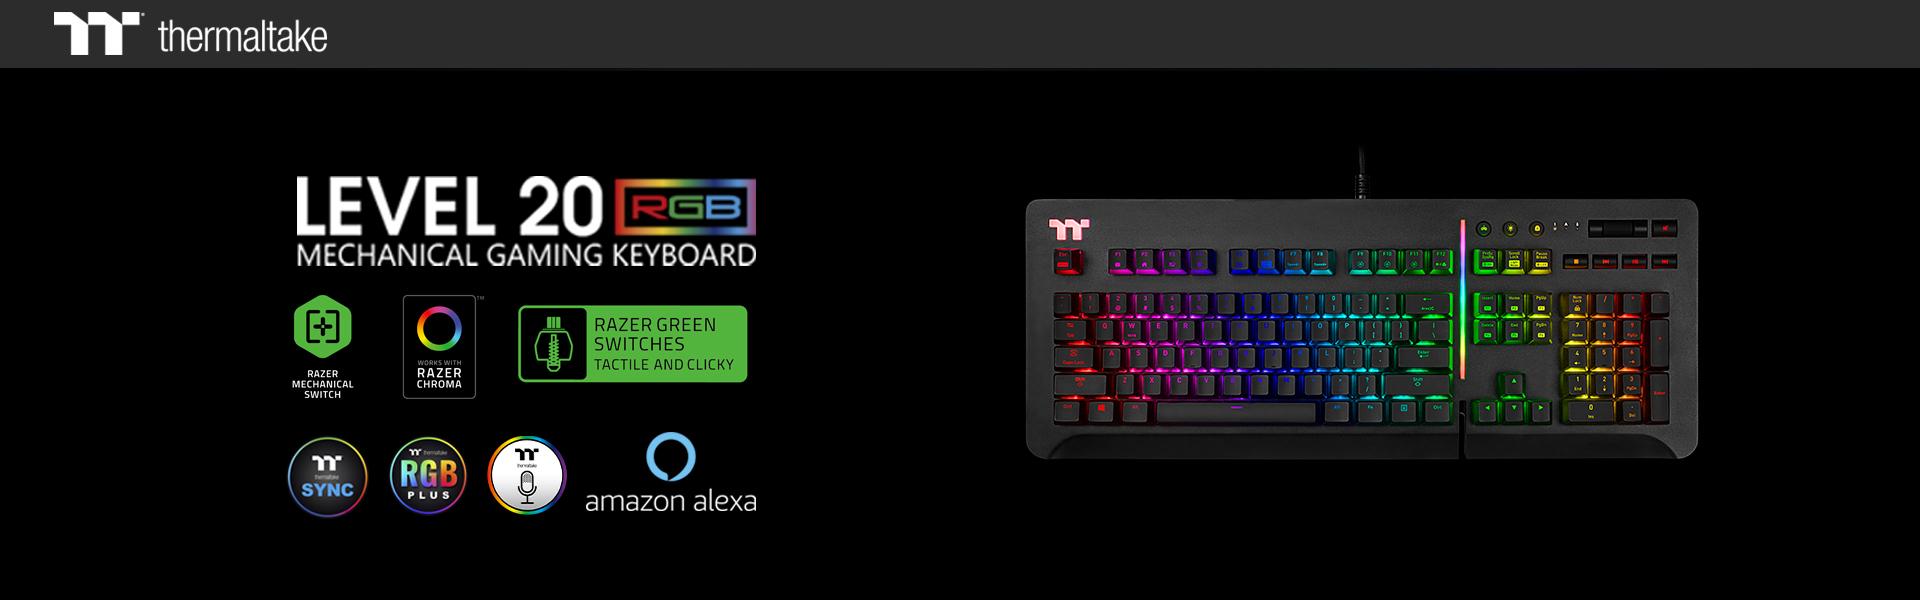 Thermaltake Gaming Level 20 RGB Gaming Keyboard Razer Green Switch 2